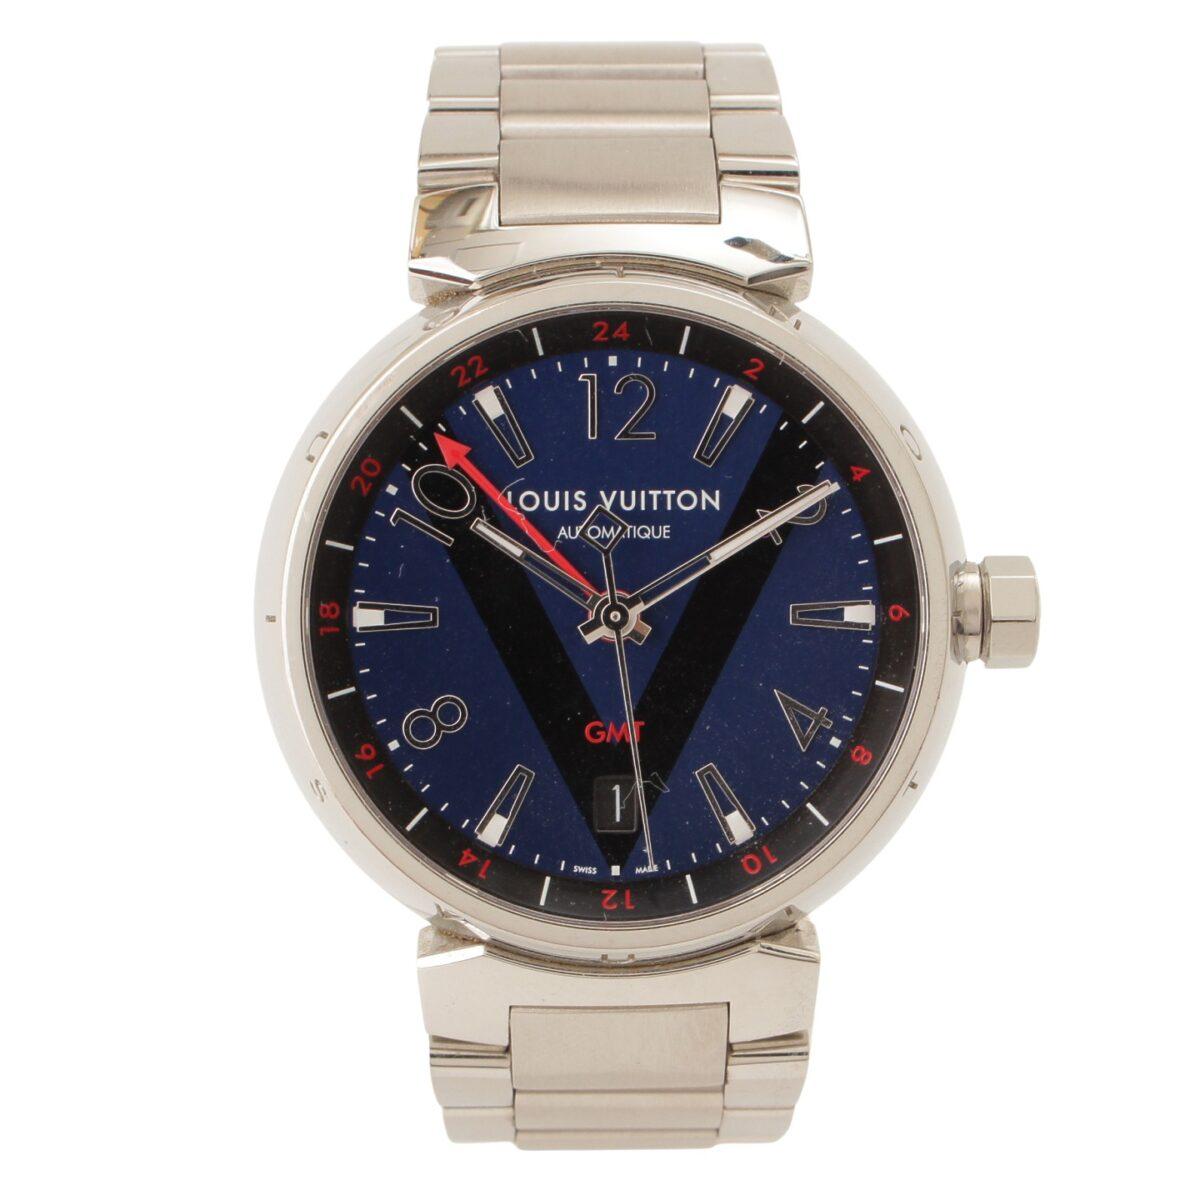 ルイヴィトン タンブール GMT デイト 腕時計 Q1157